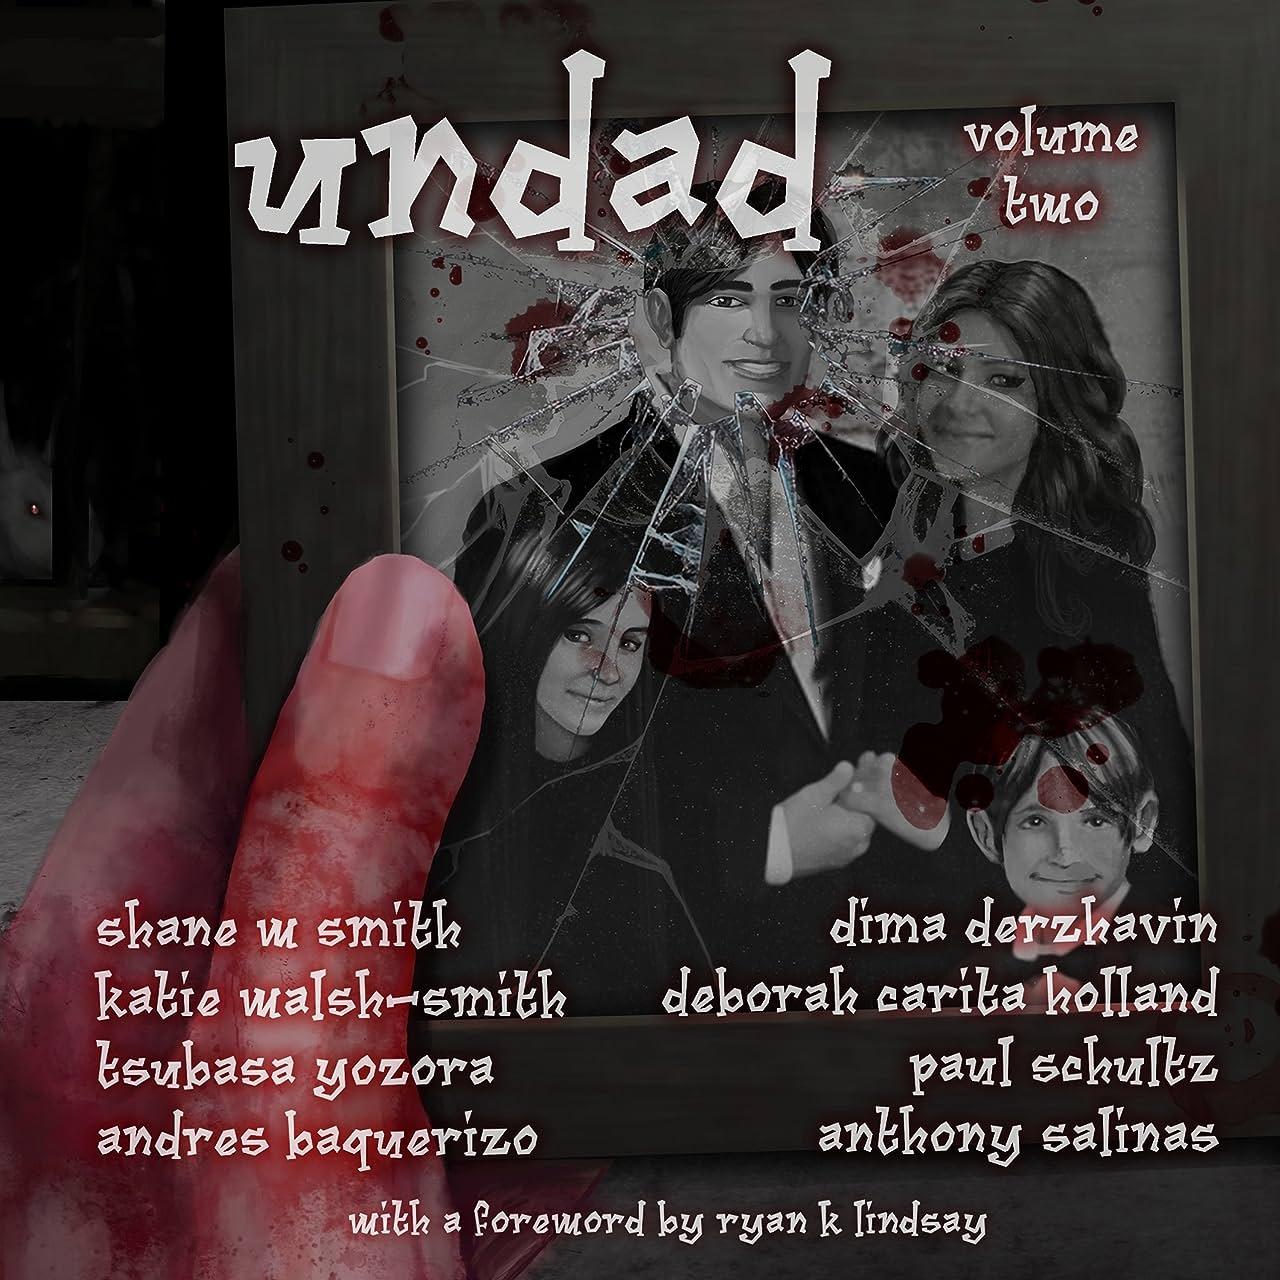 Undad Vol. 2